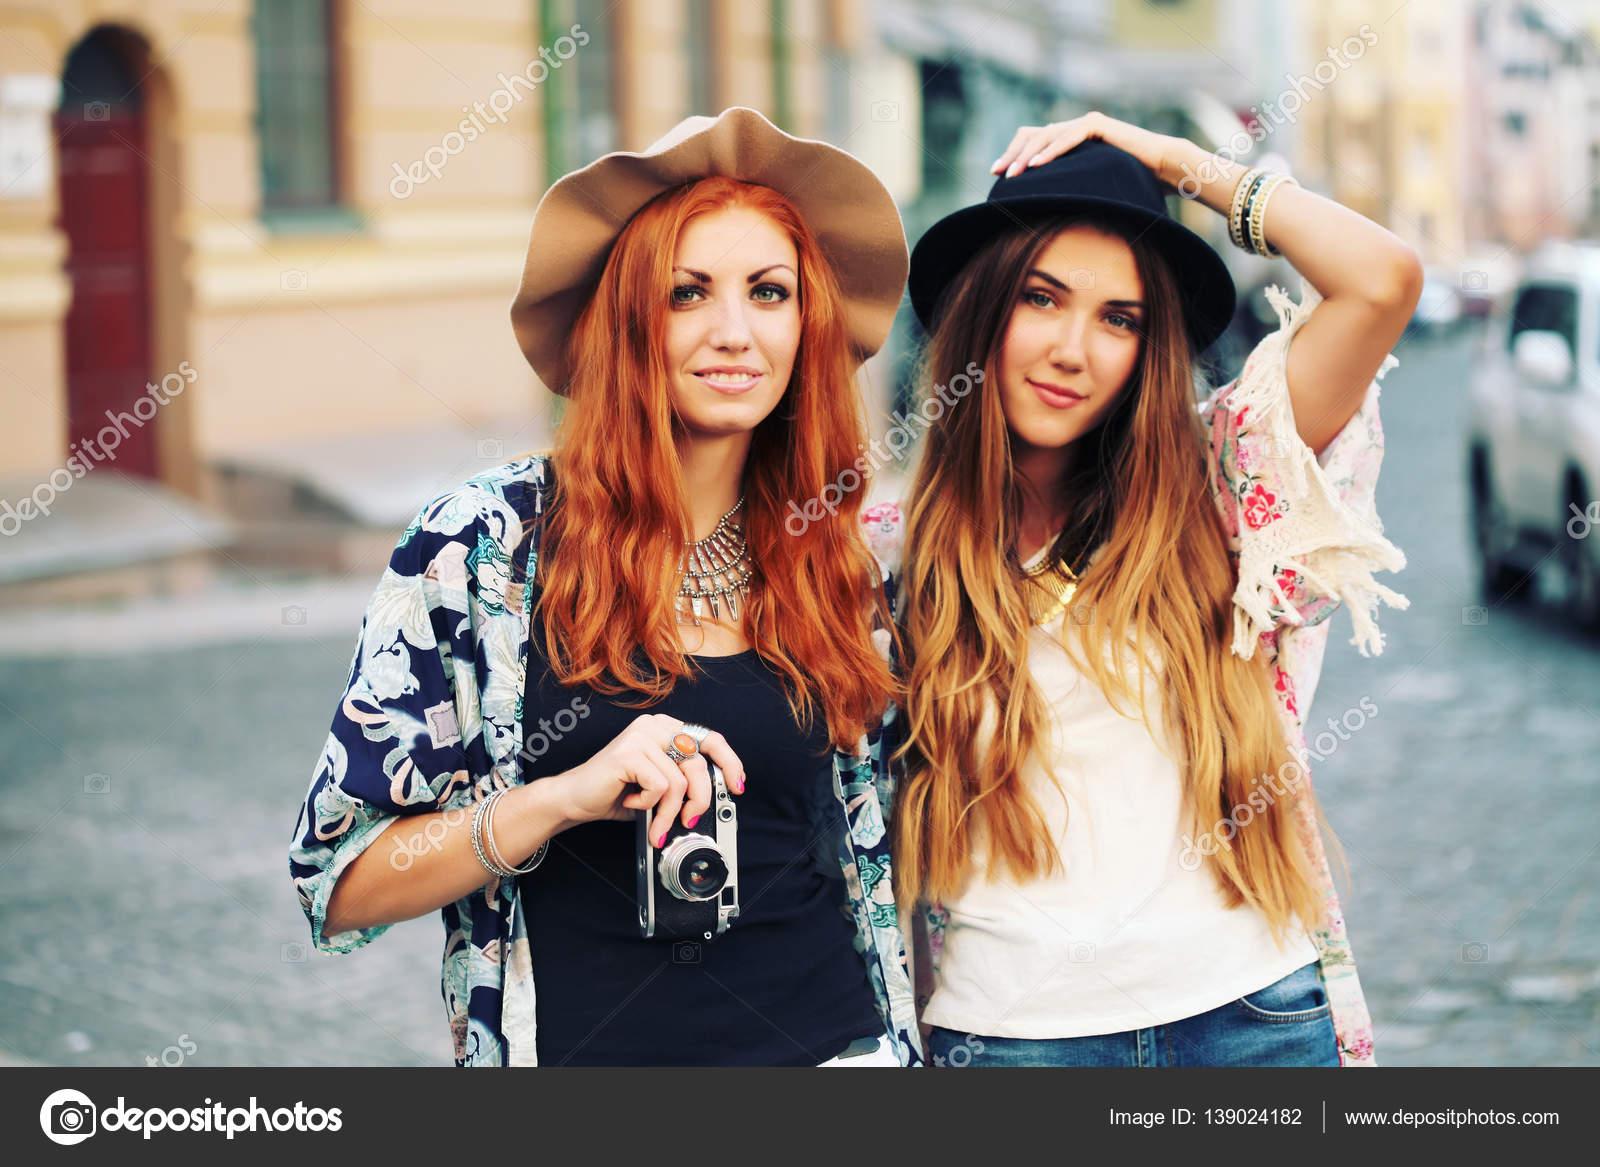 2053752ec99733 Zwei hübsche Frauen auf Straße — Stockfoto © perminoffa #139024182